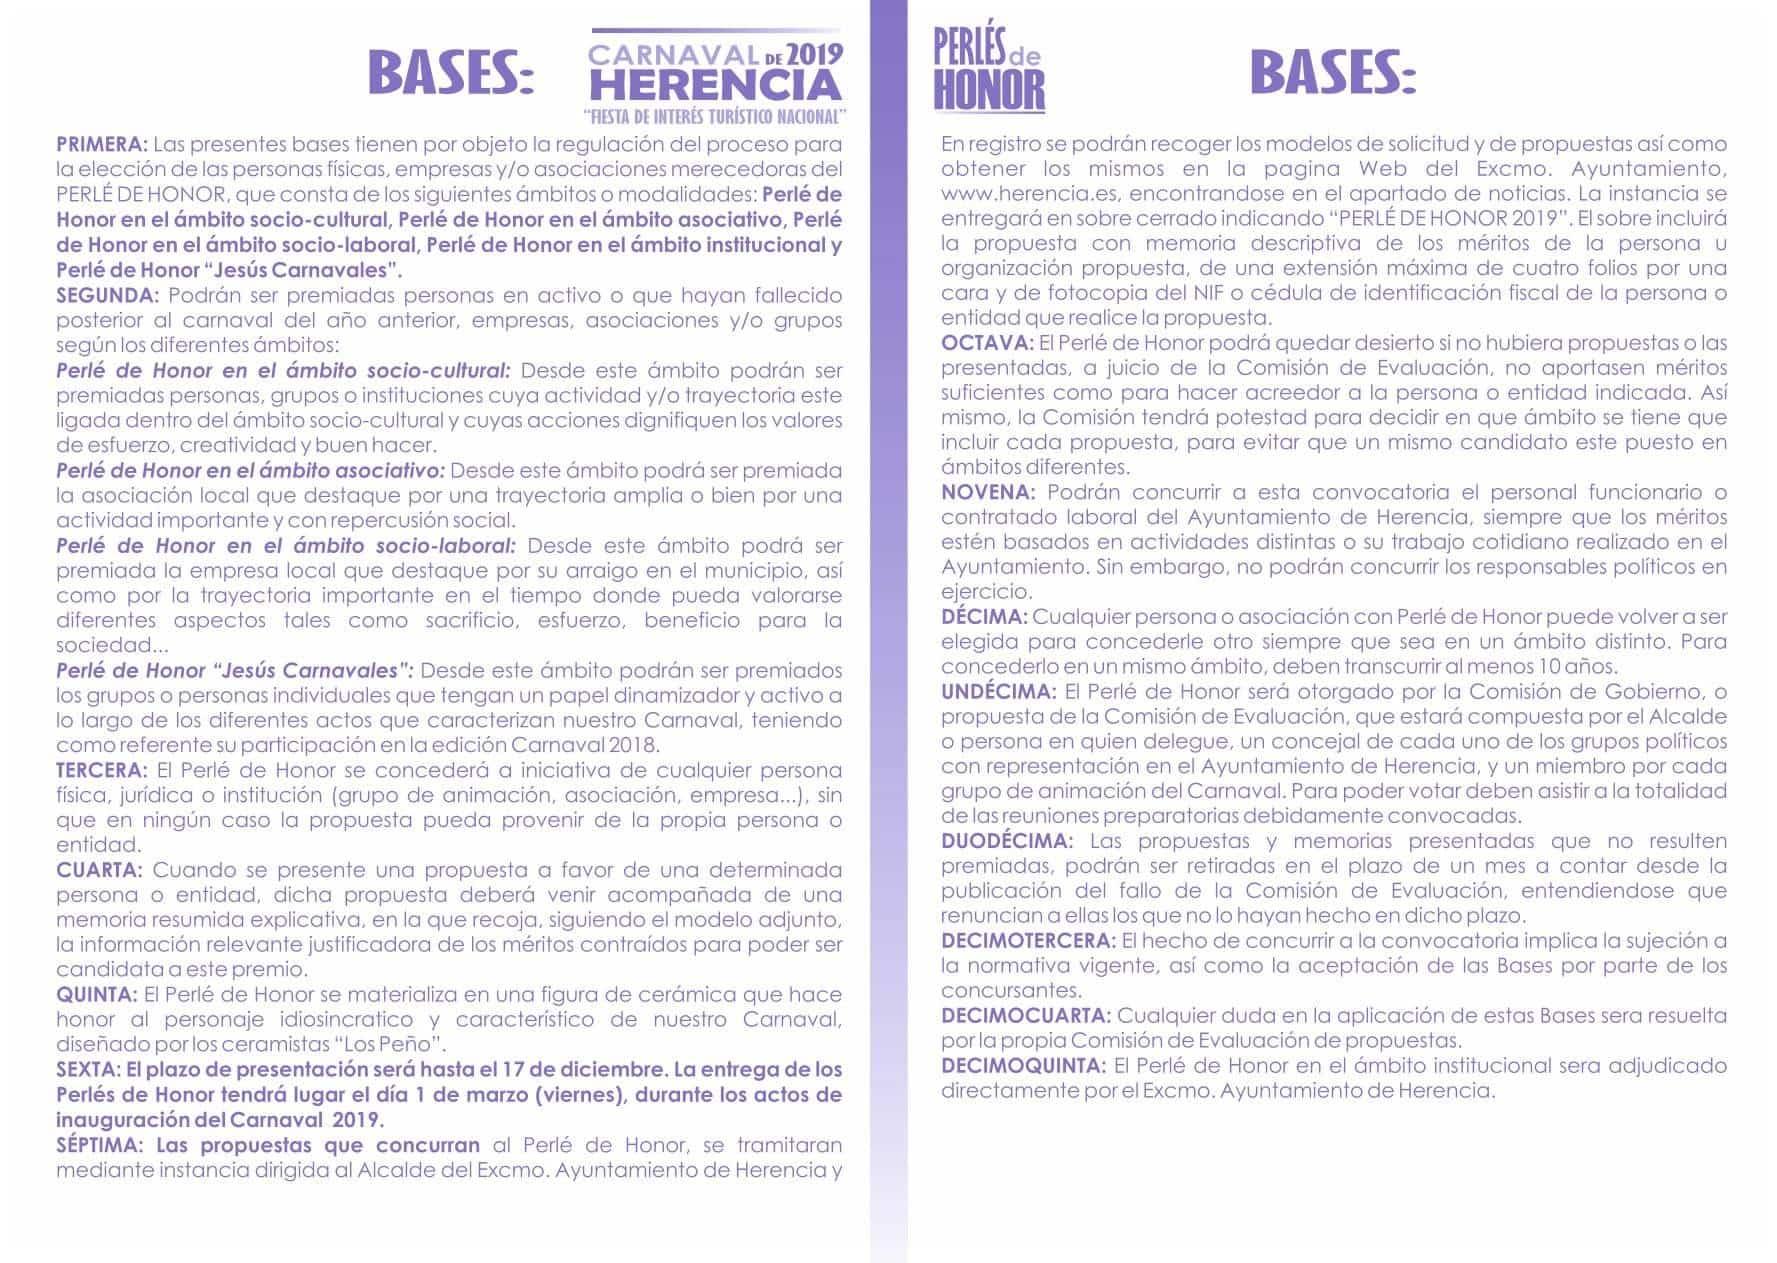 Abierto el plazo de presentación de candidaturas para los Perlés de Honor del Carnaval de Herencia 2019 6